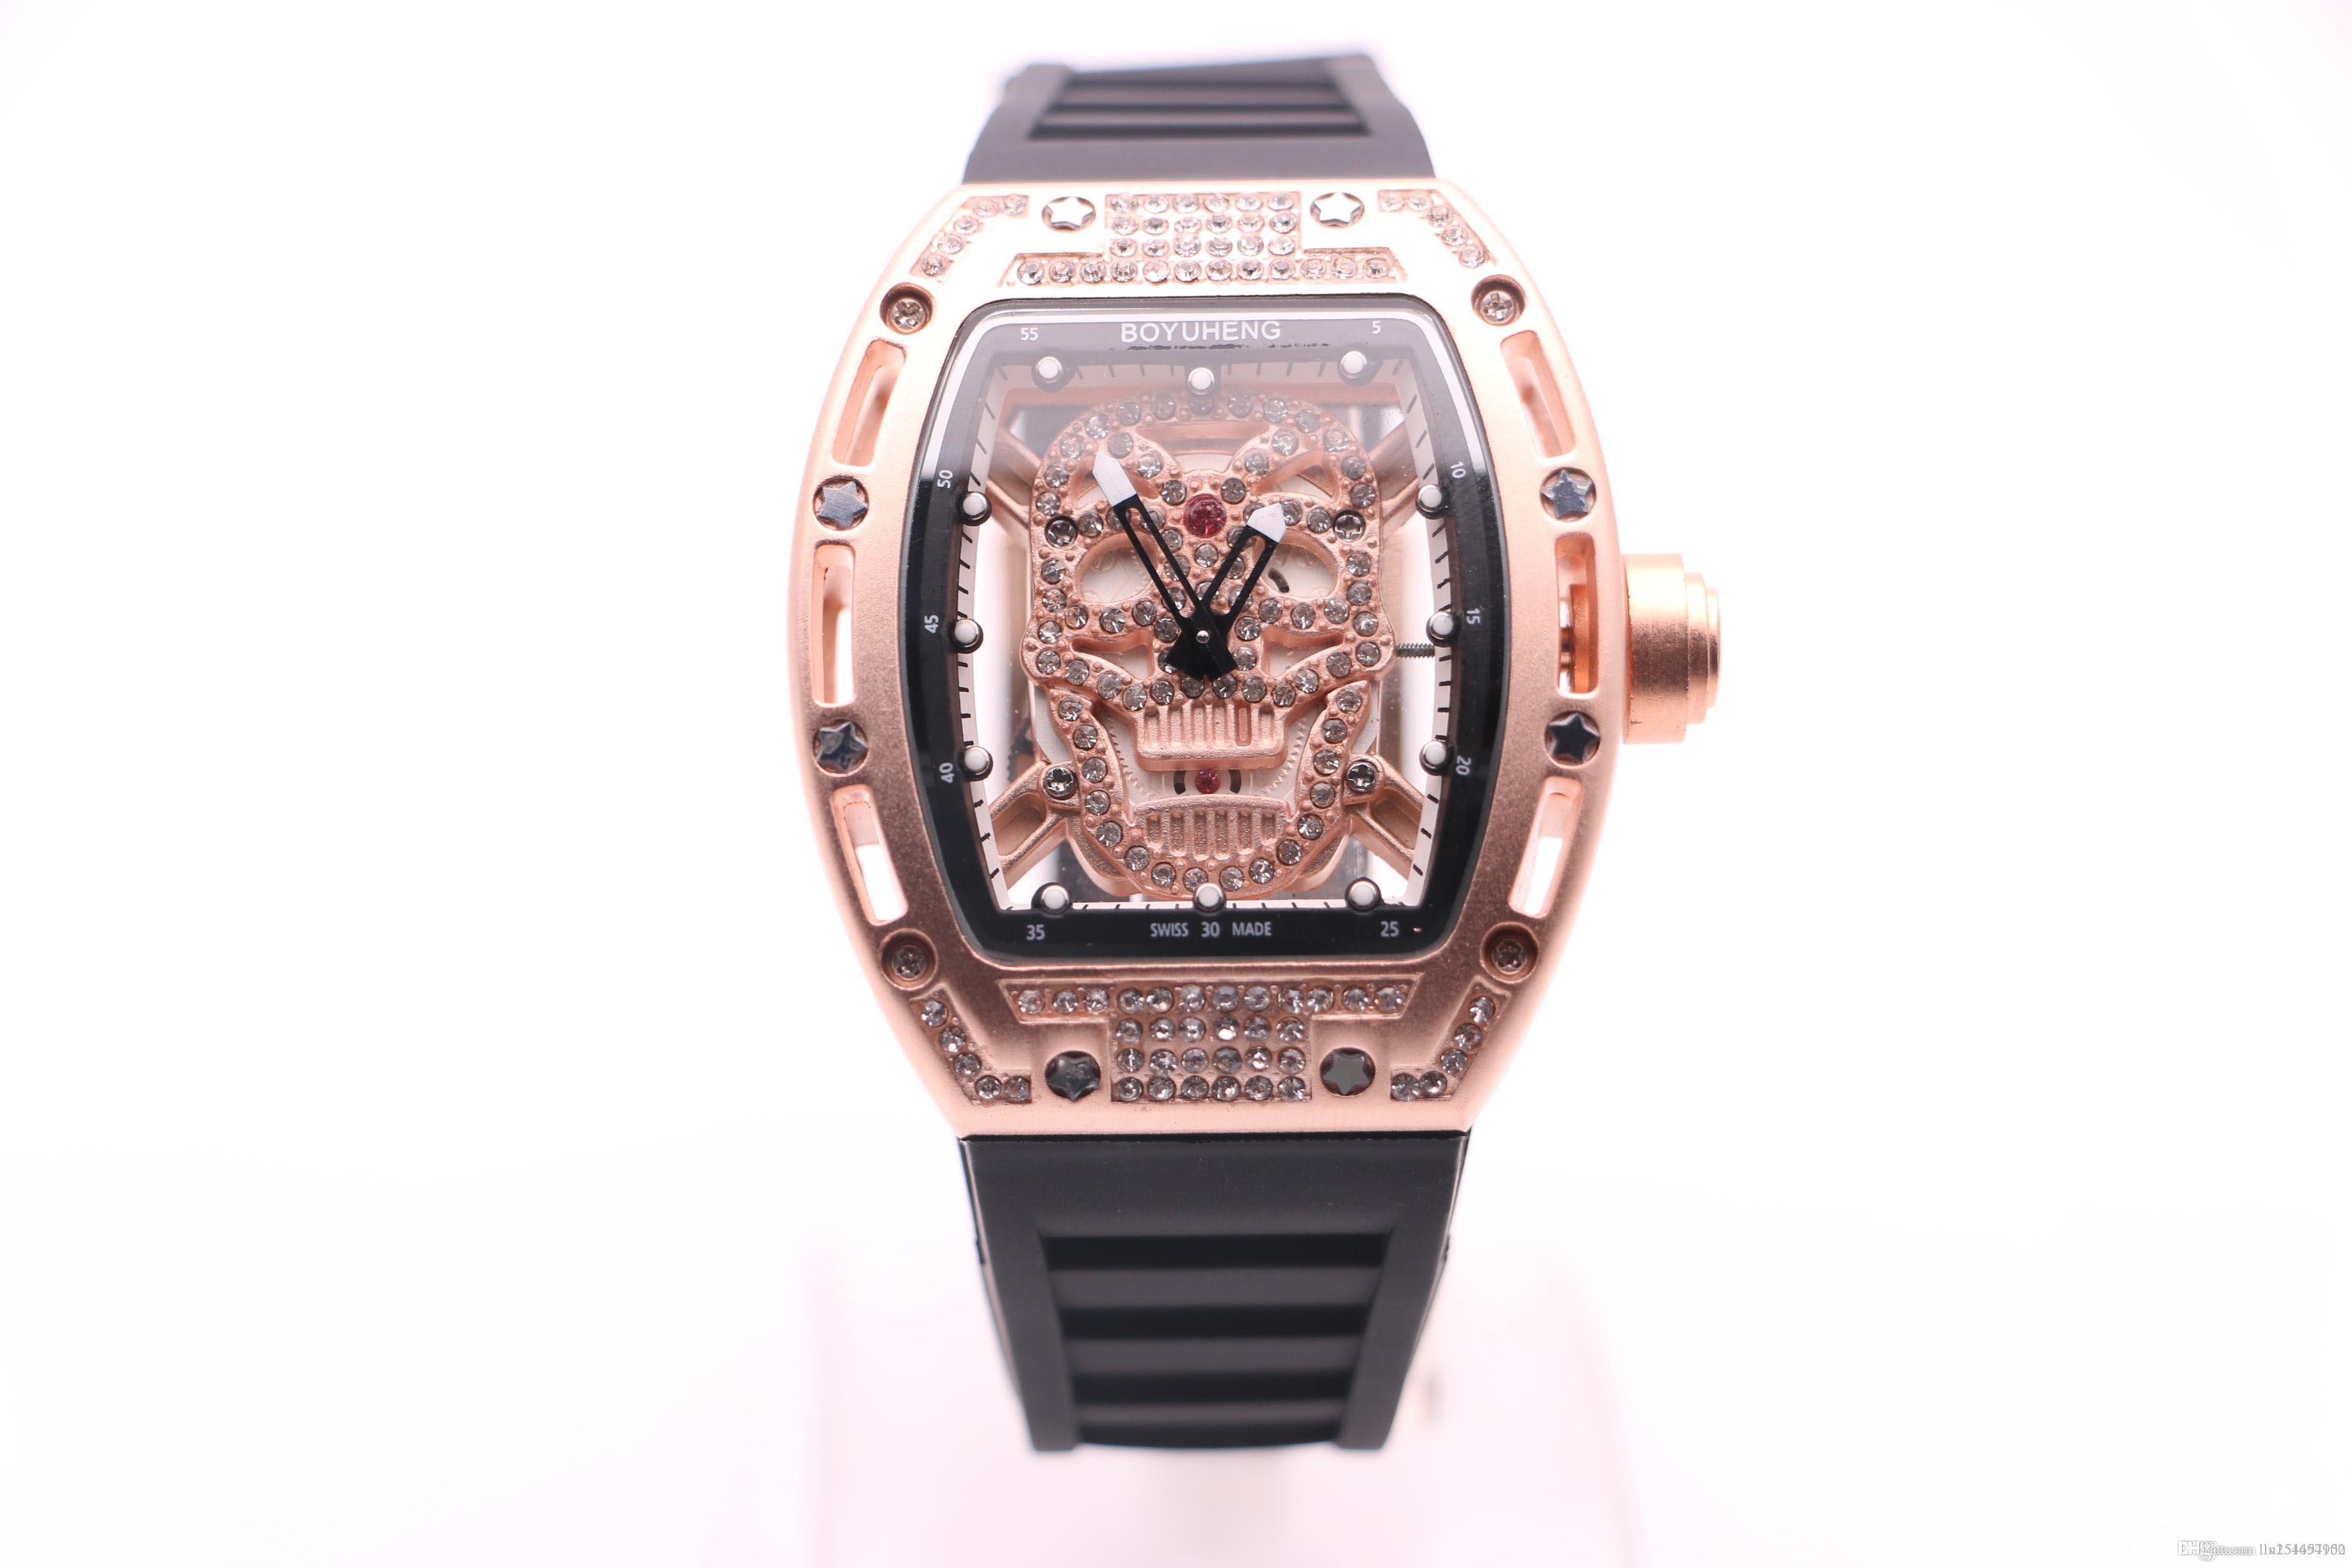 BOYUHENG 052 homem de alta qualidade legal relógio de ouro crânio dial diamante marrom do homem marrom círculo marrom de aço caso de diamante relógio de quartzo